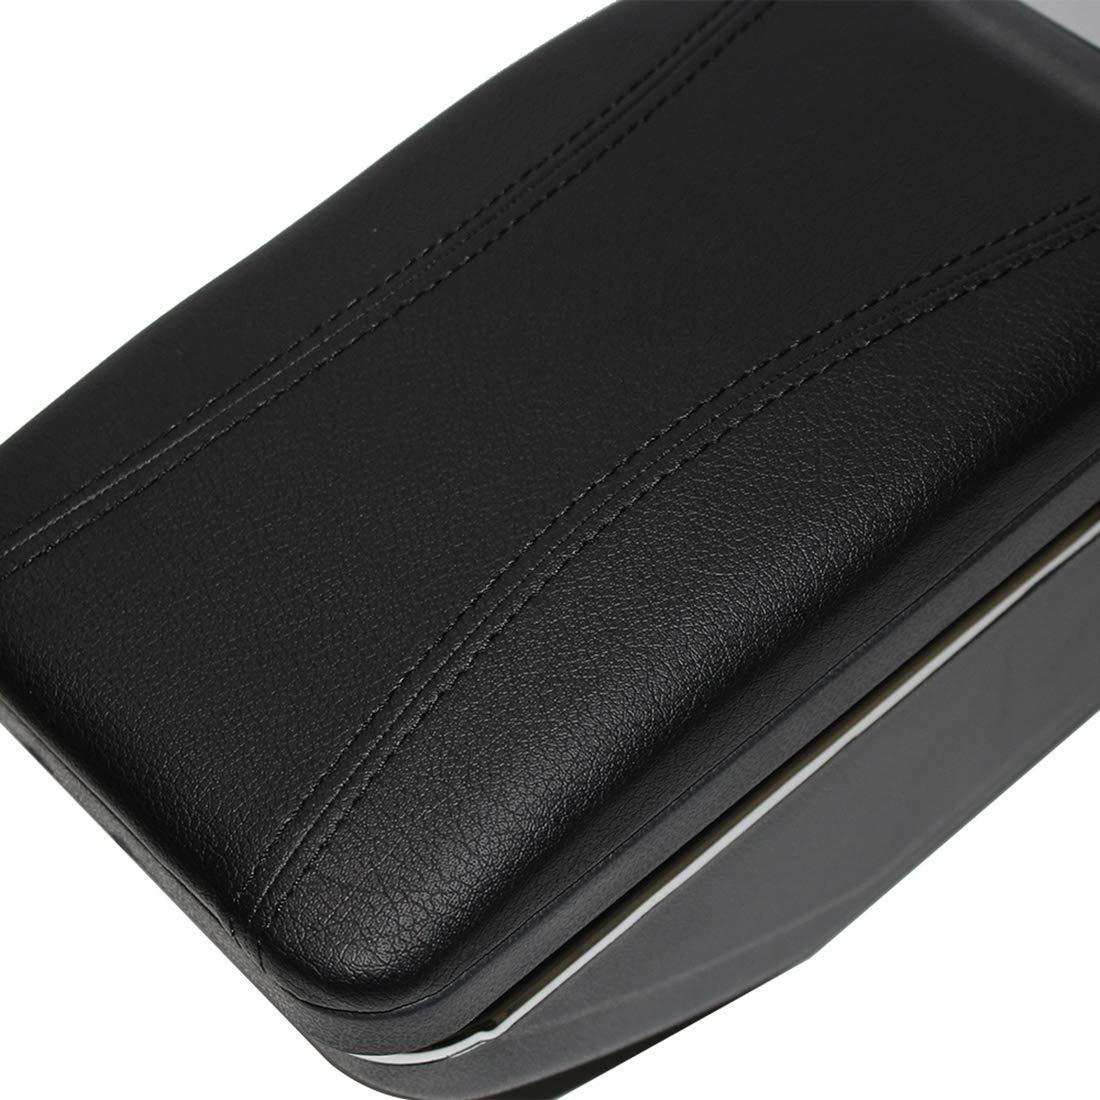 Accoudoirs Bo/îte Consoles main avec porte gobelets et cendrier Pour Focus 3 mk3 2011-2019